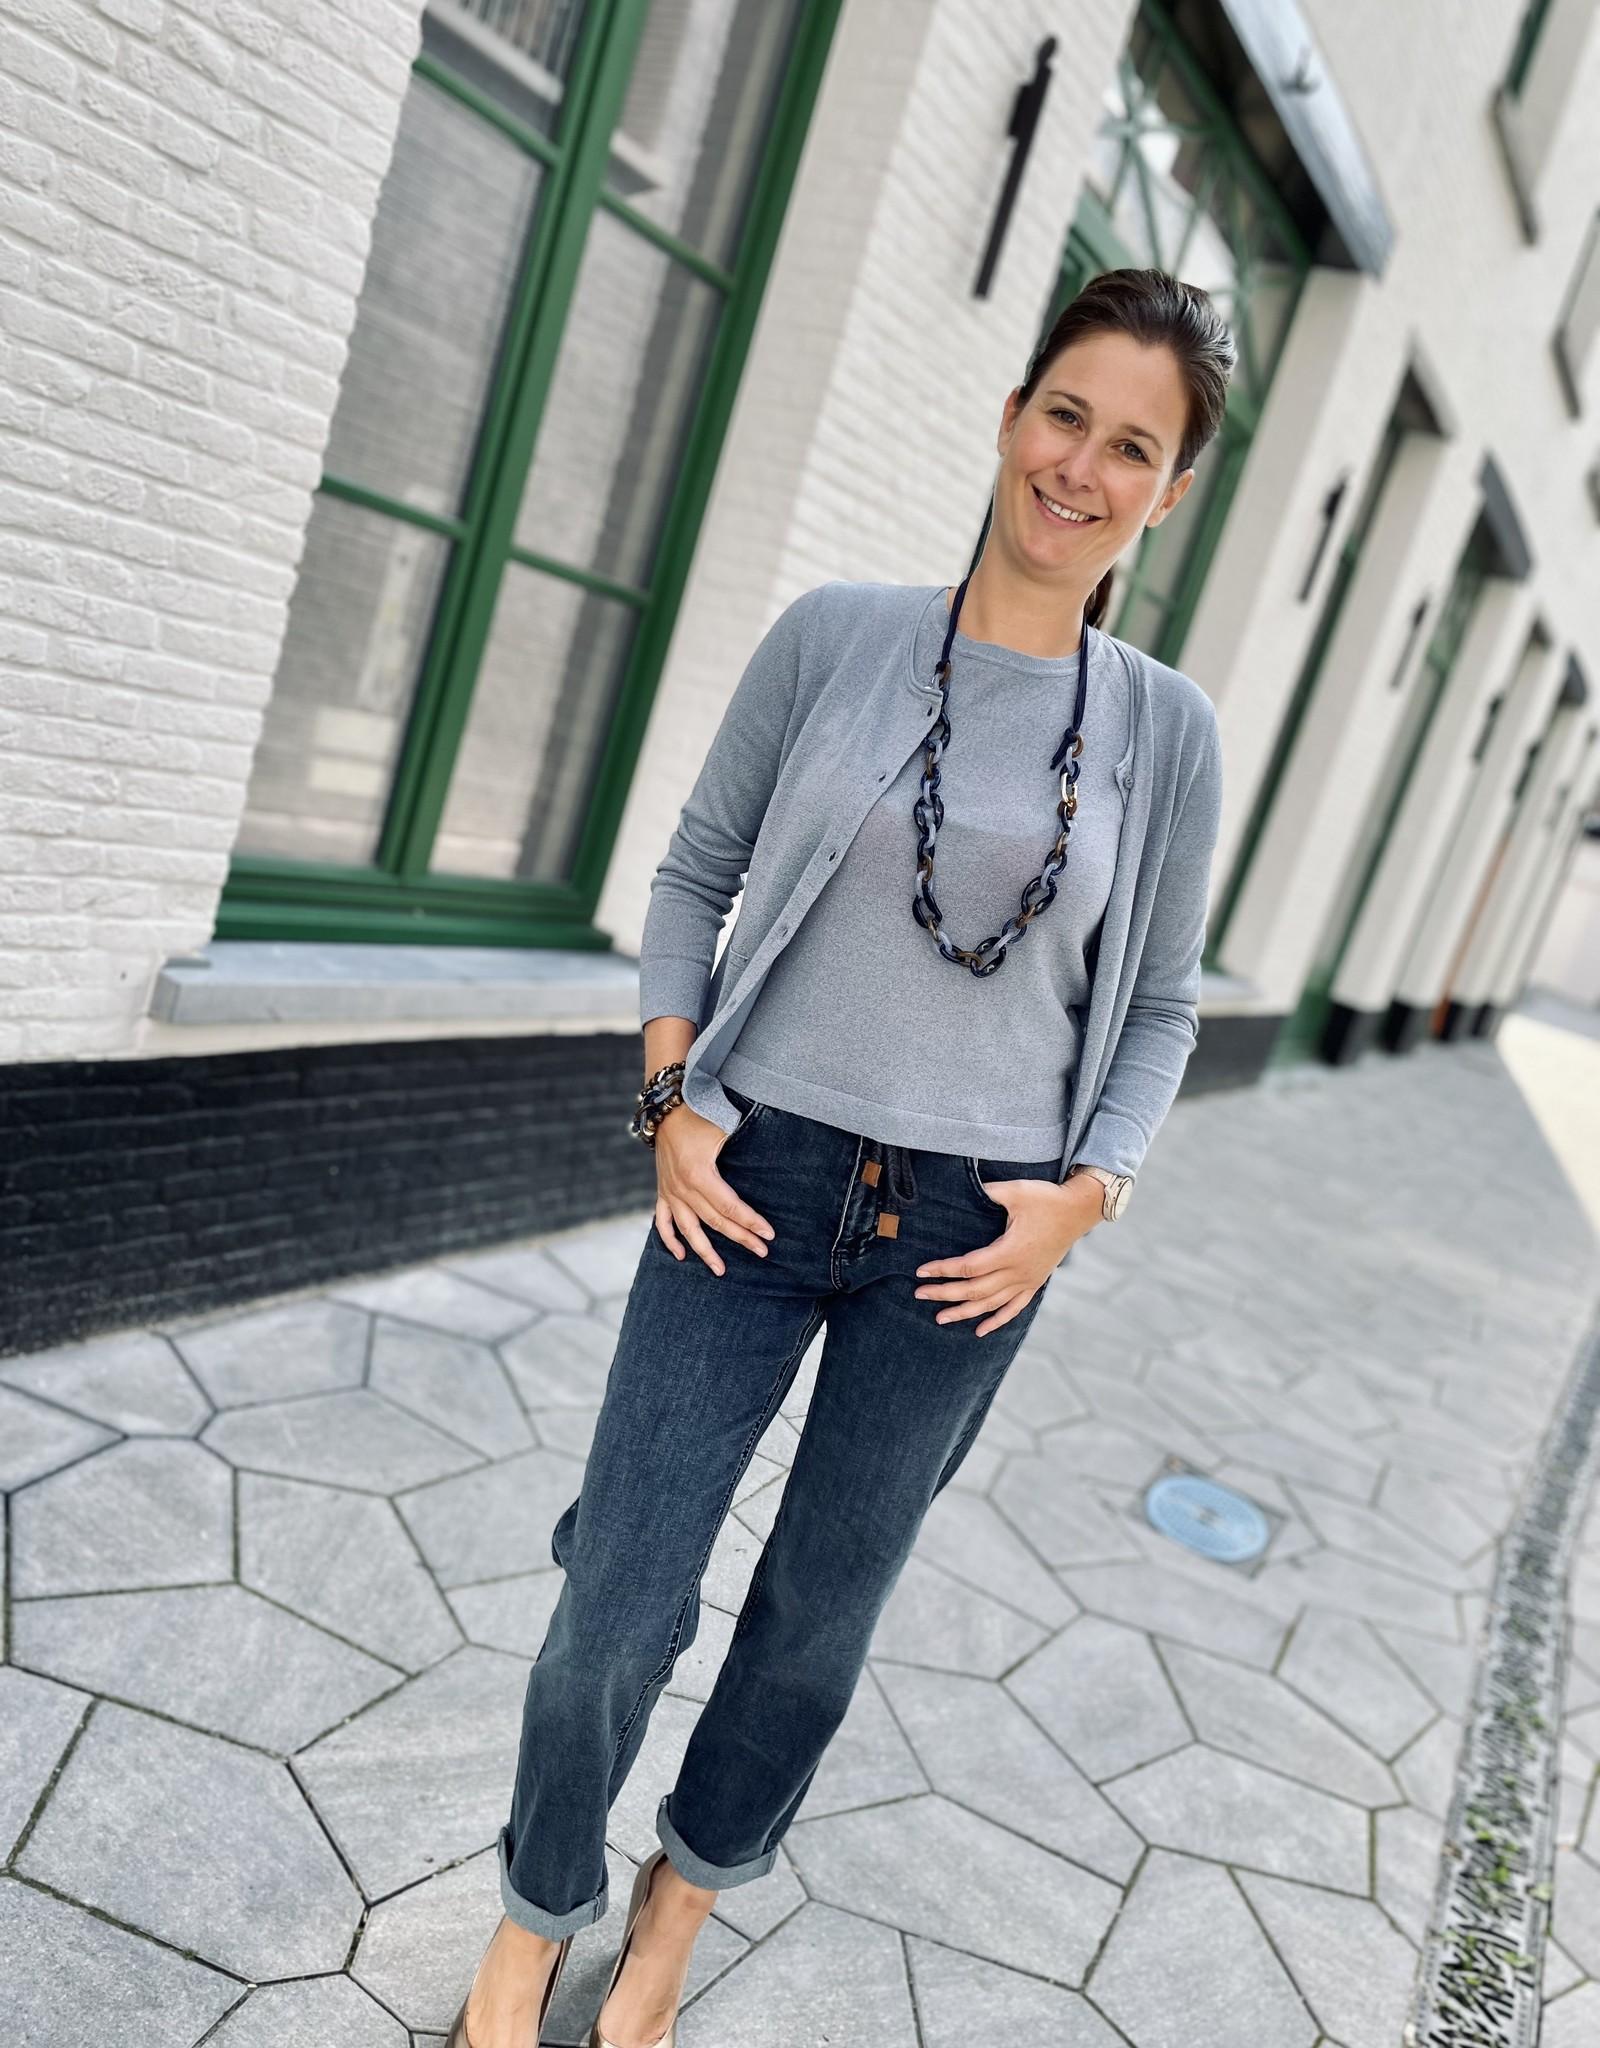 Bianca 78001 Rabea Knitwear Dusty Sky